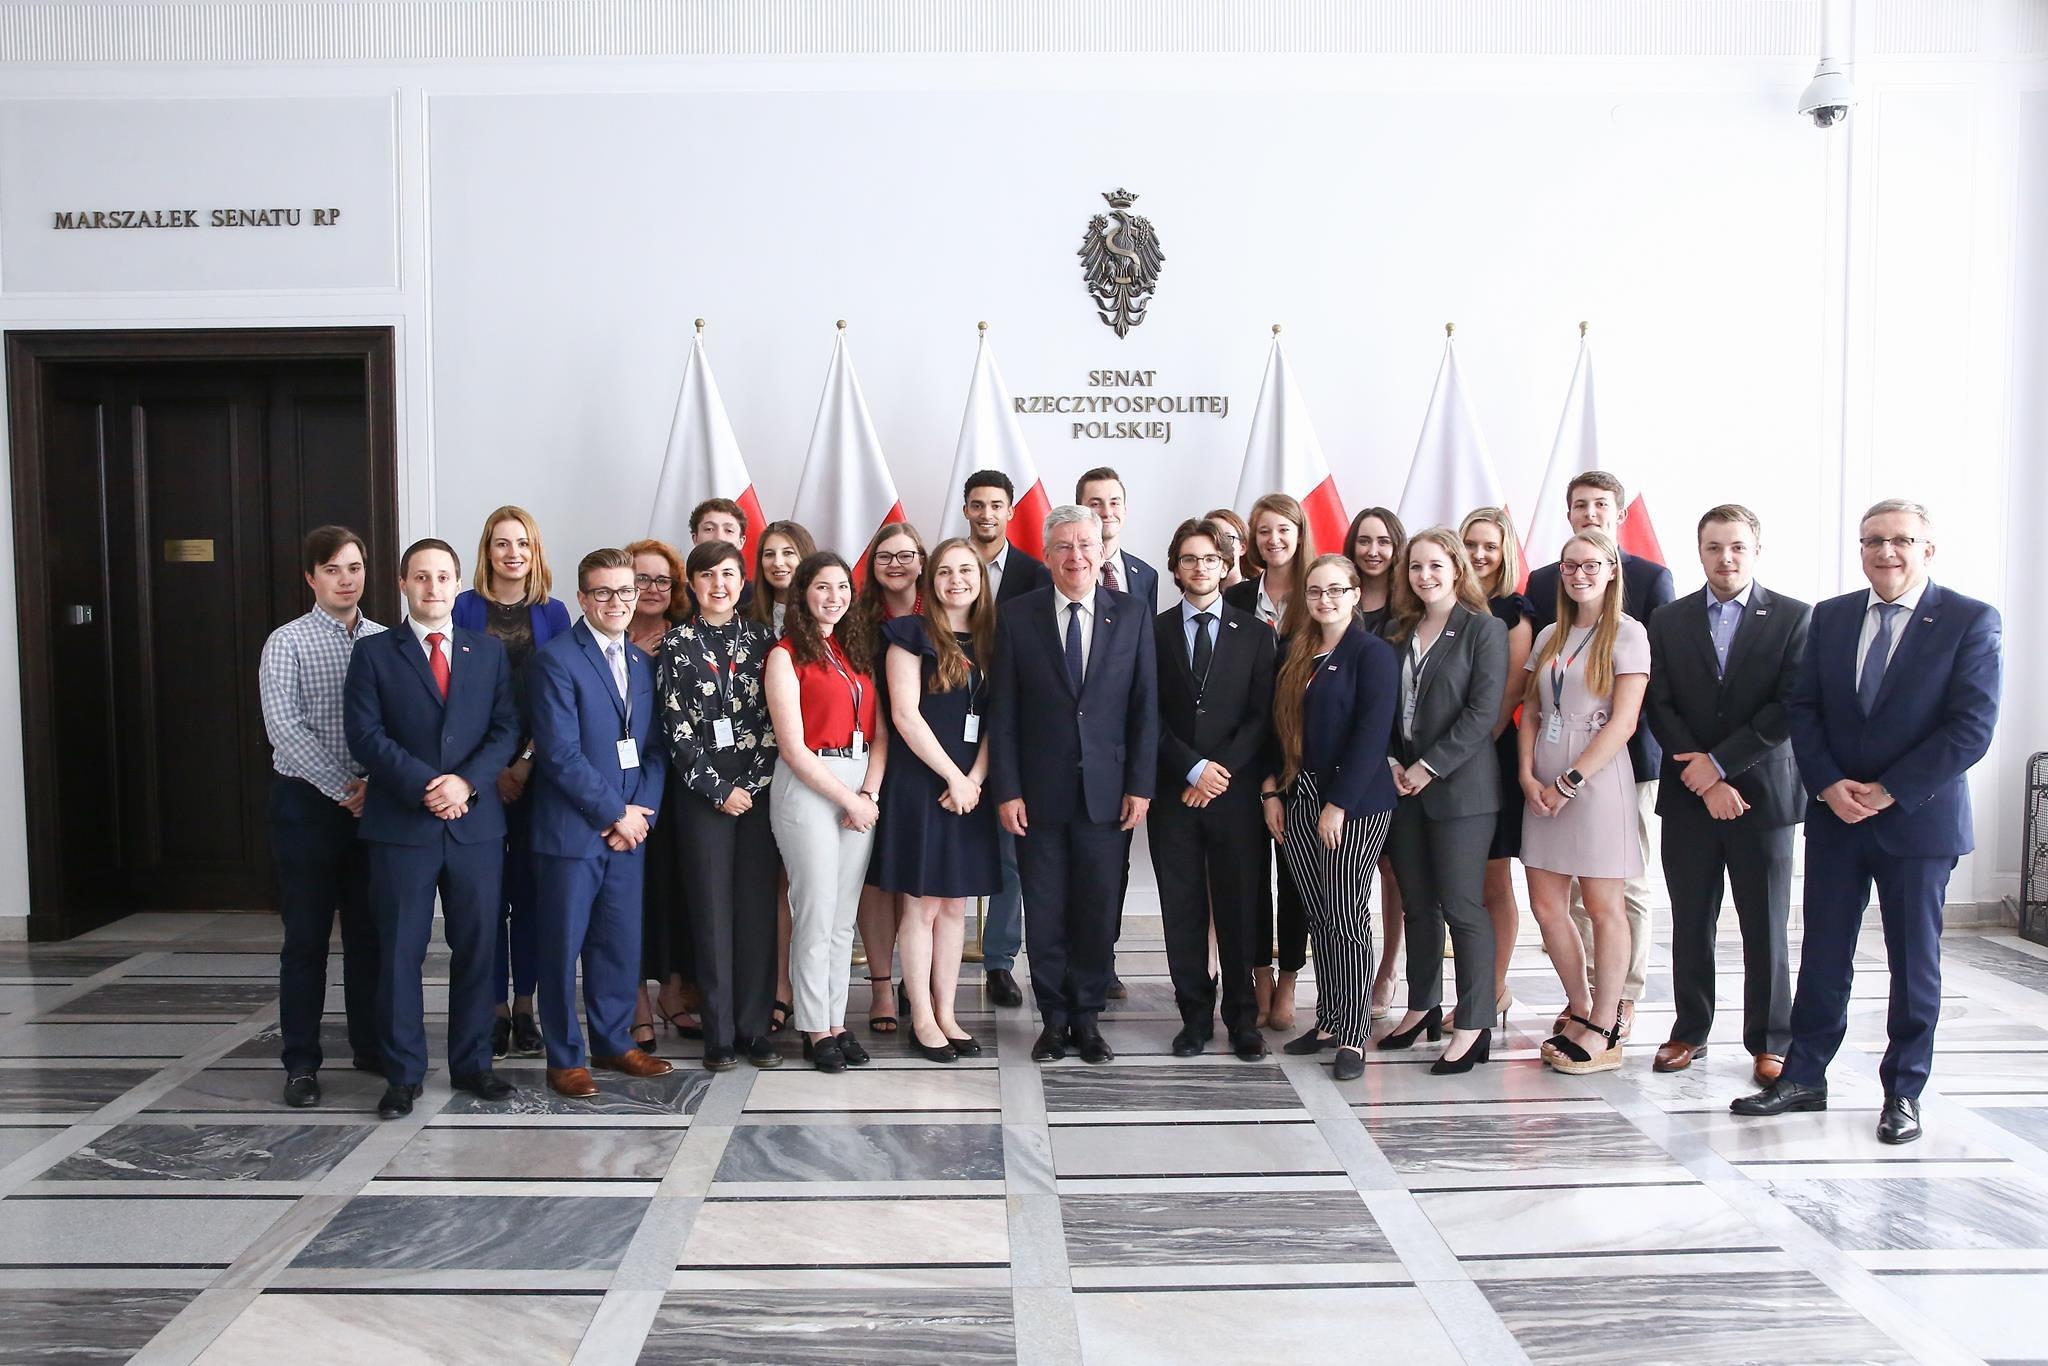 Spotkanie marszałka Senatu Stanisława Karczewskiego z amerykańskimi studentami – uczestnikami Stażu Prezydenckiego